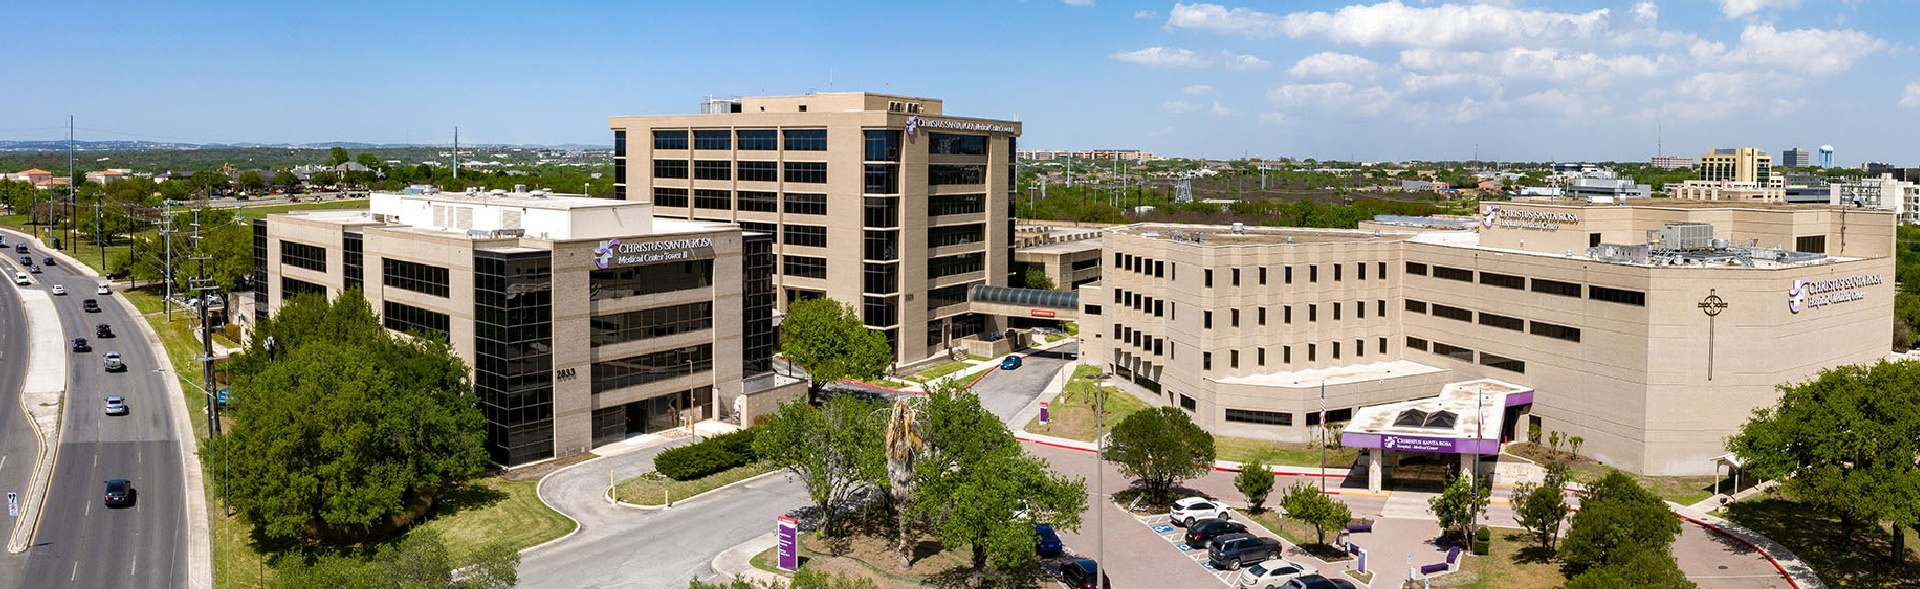 TSAOG at Medical Center